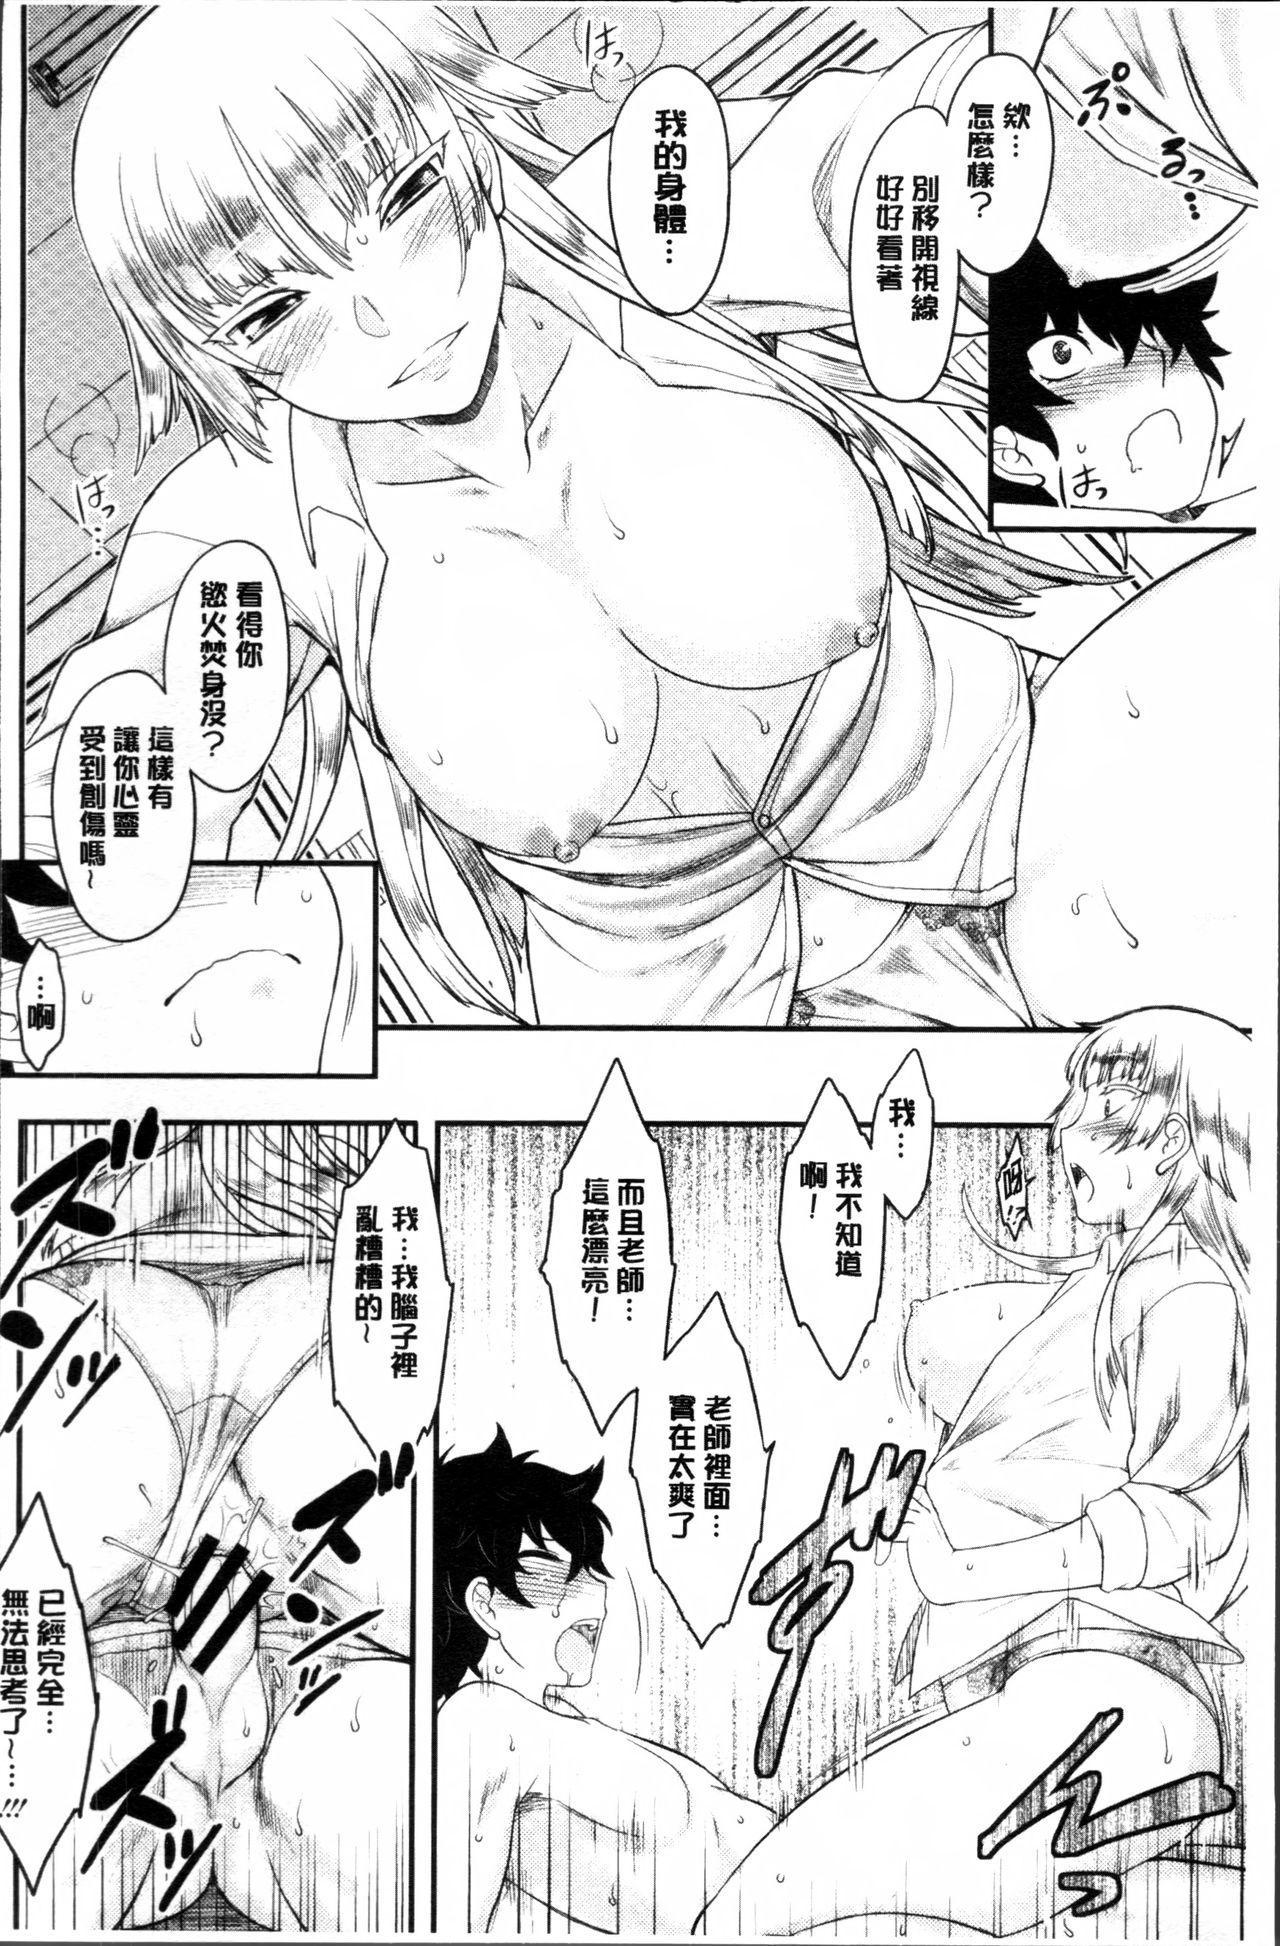 Hatsukoi Splash! 58